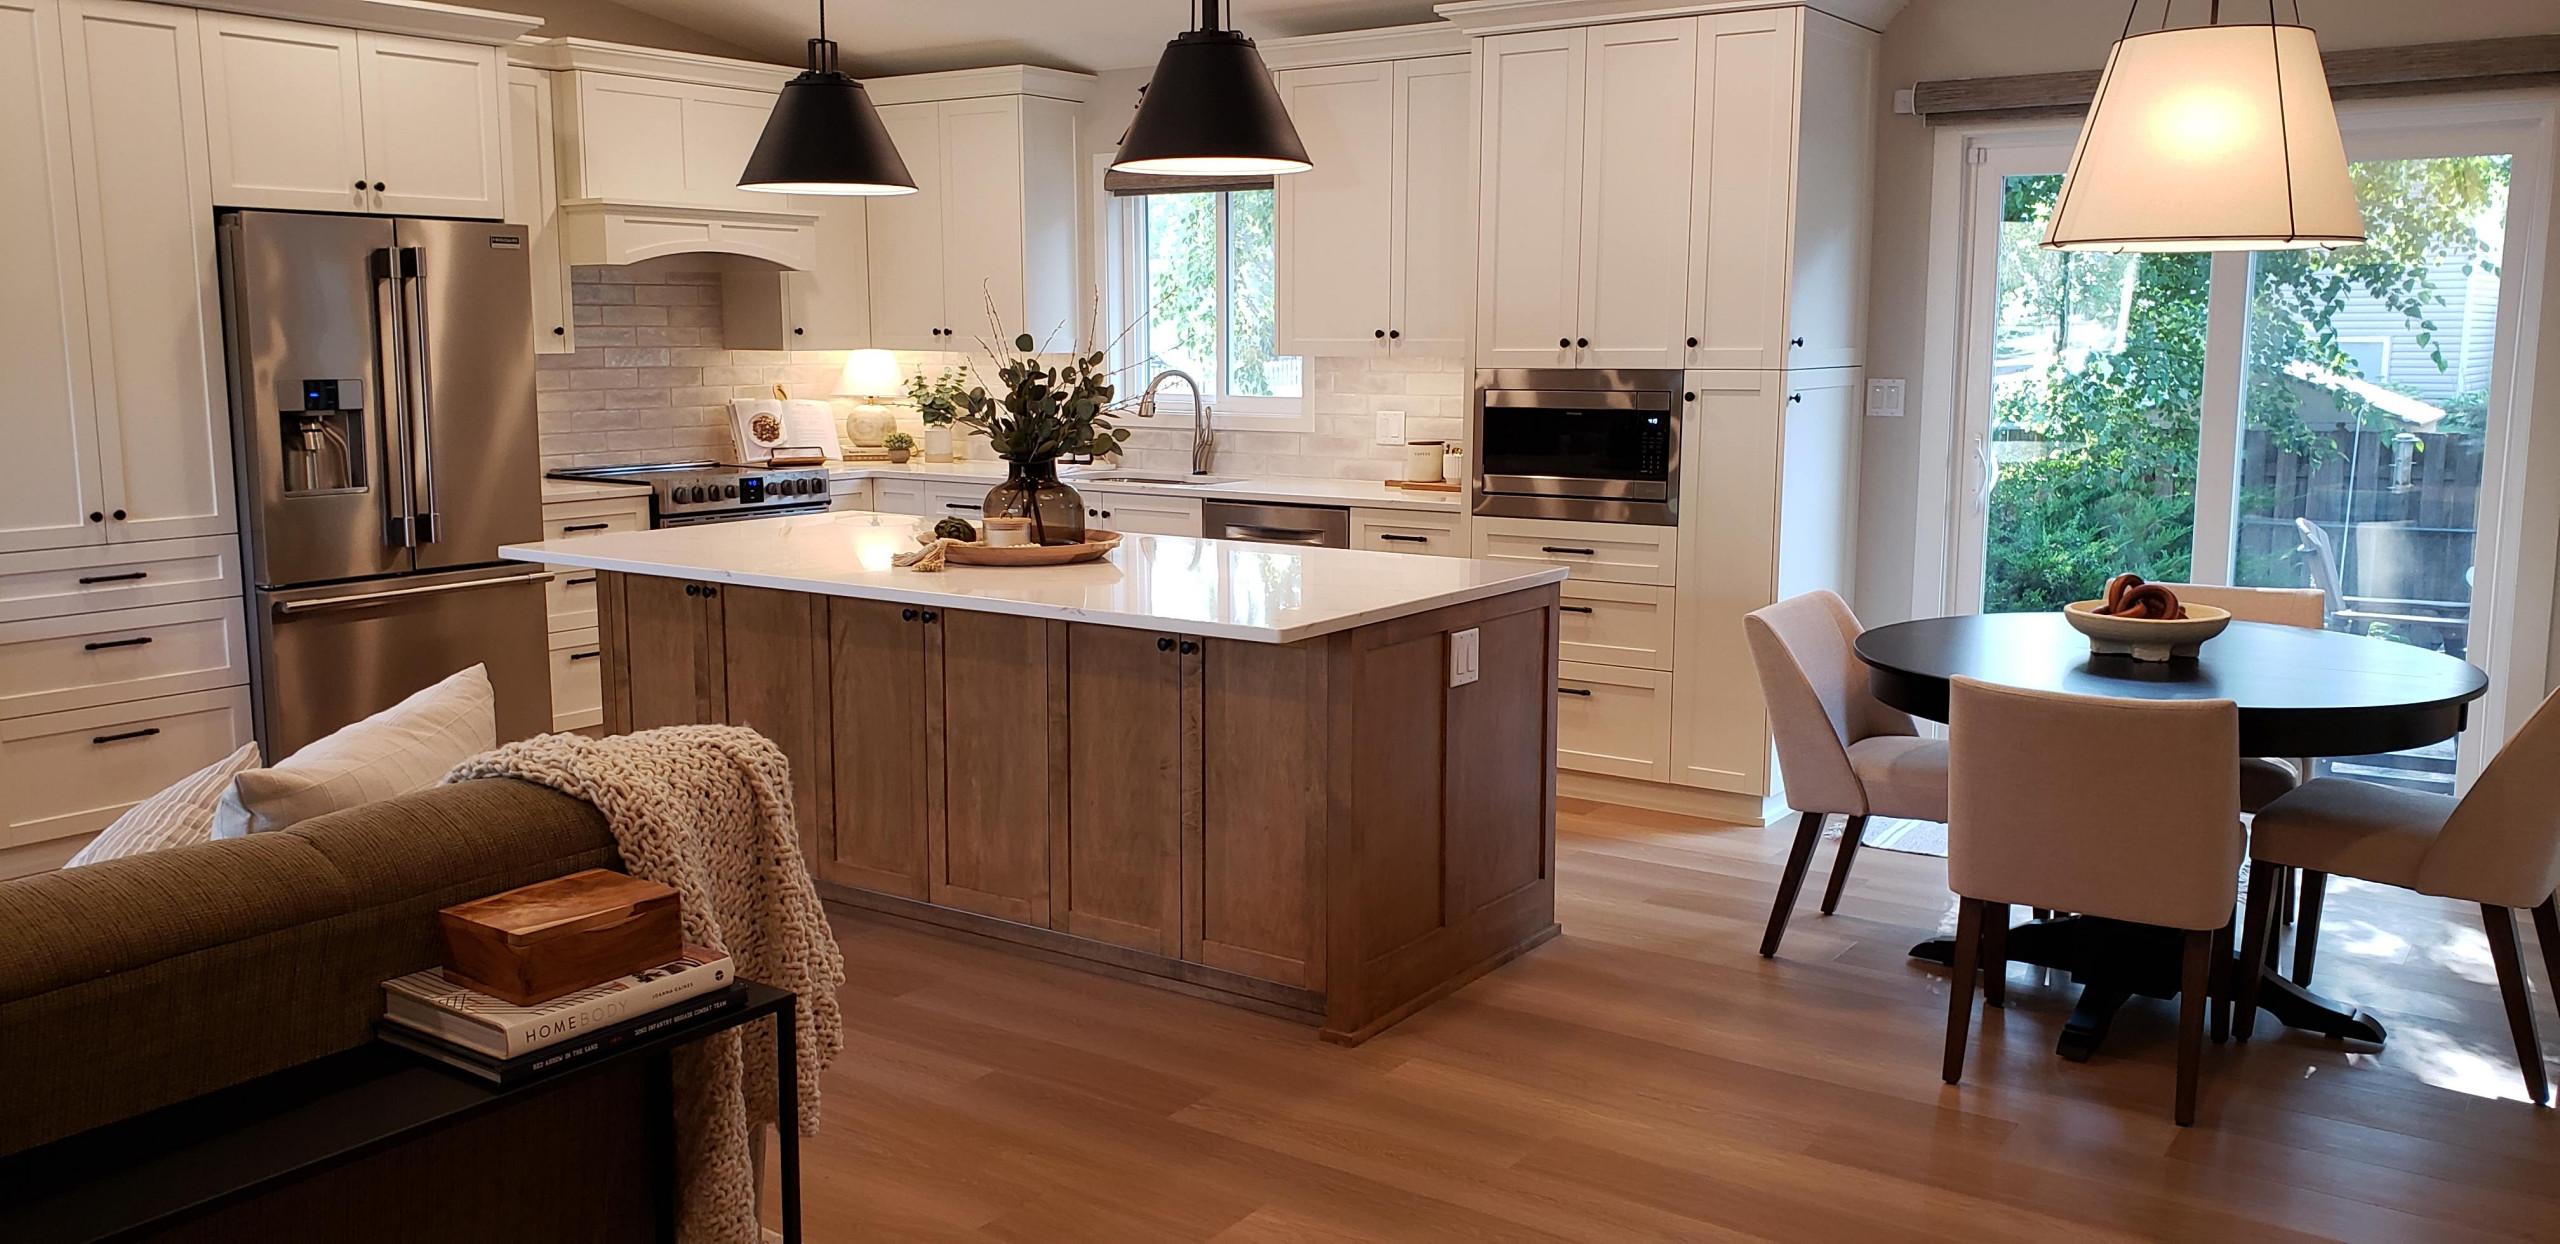 Kitchen/Main Floor Remodel